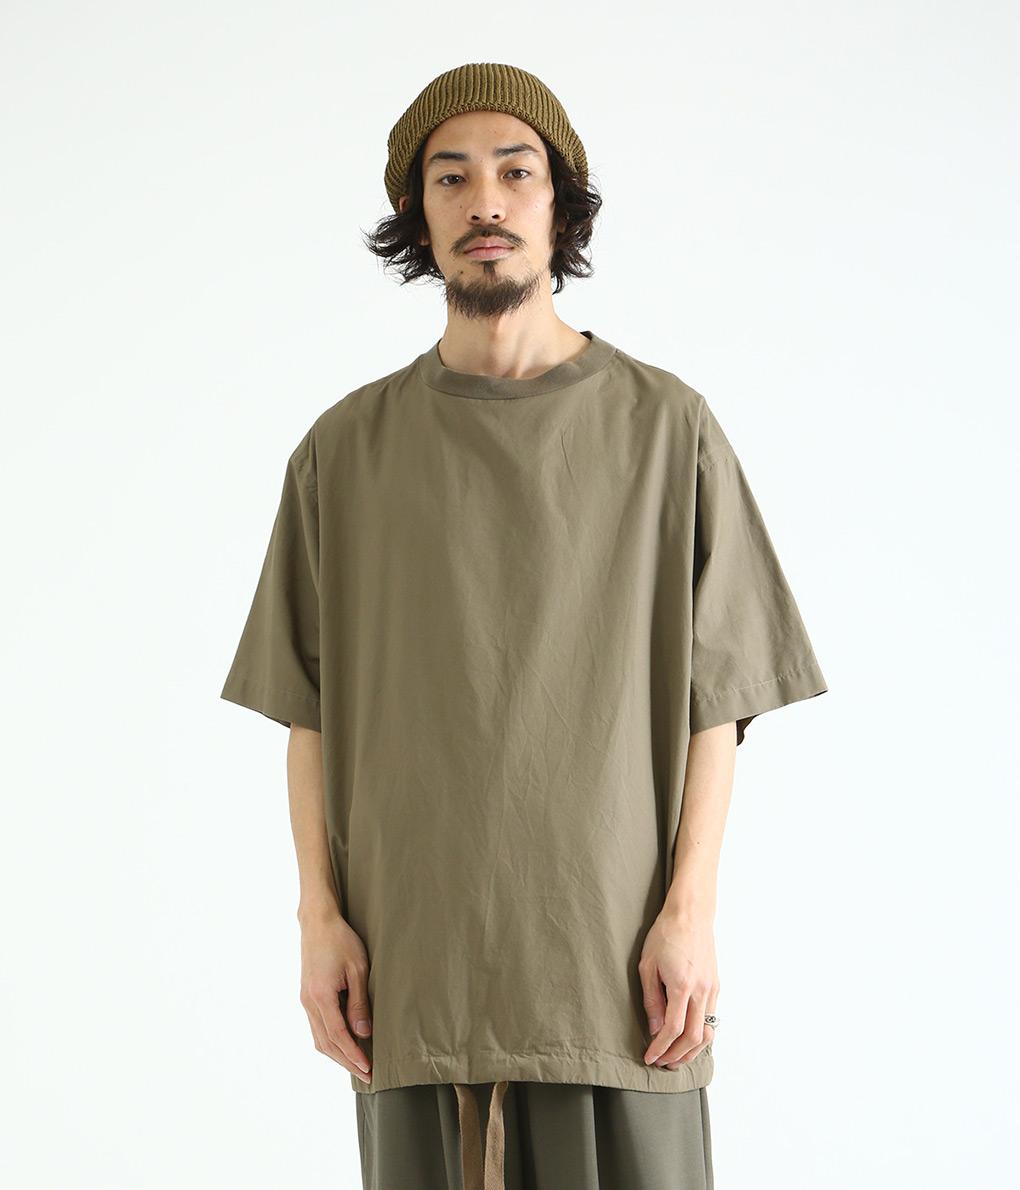 marka / マーカ : CREW NECK TEE : クルーネック ショートスリーブ Tシャツ メンズ / 全2色 : M19B-08SH01B 【COR】【WIS】